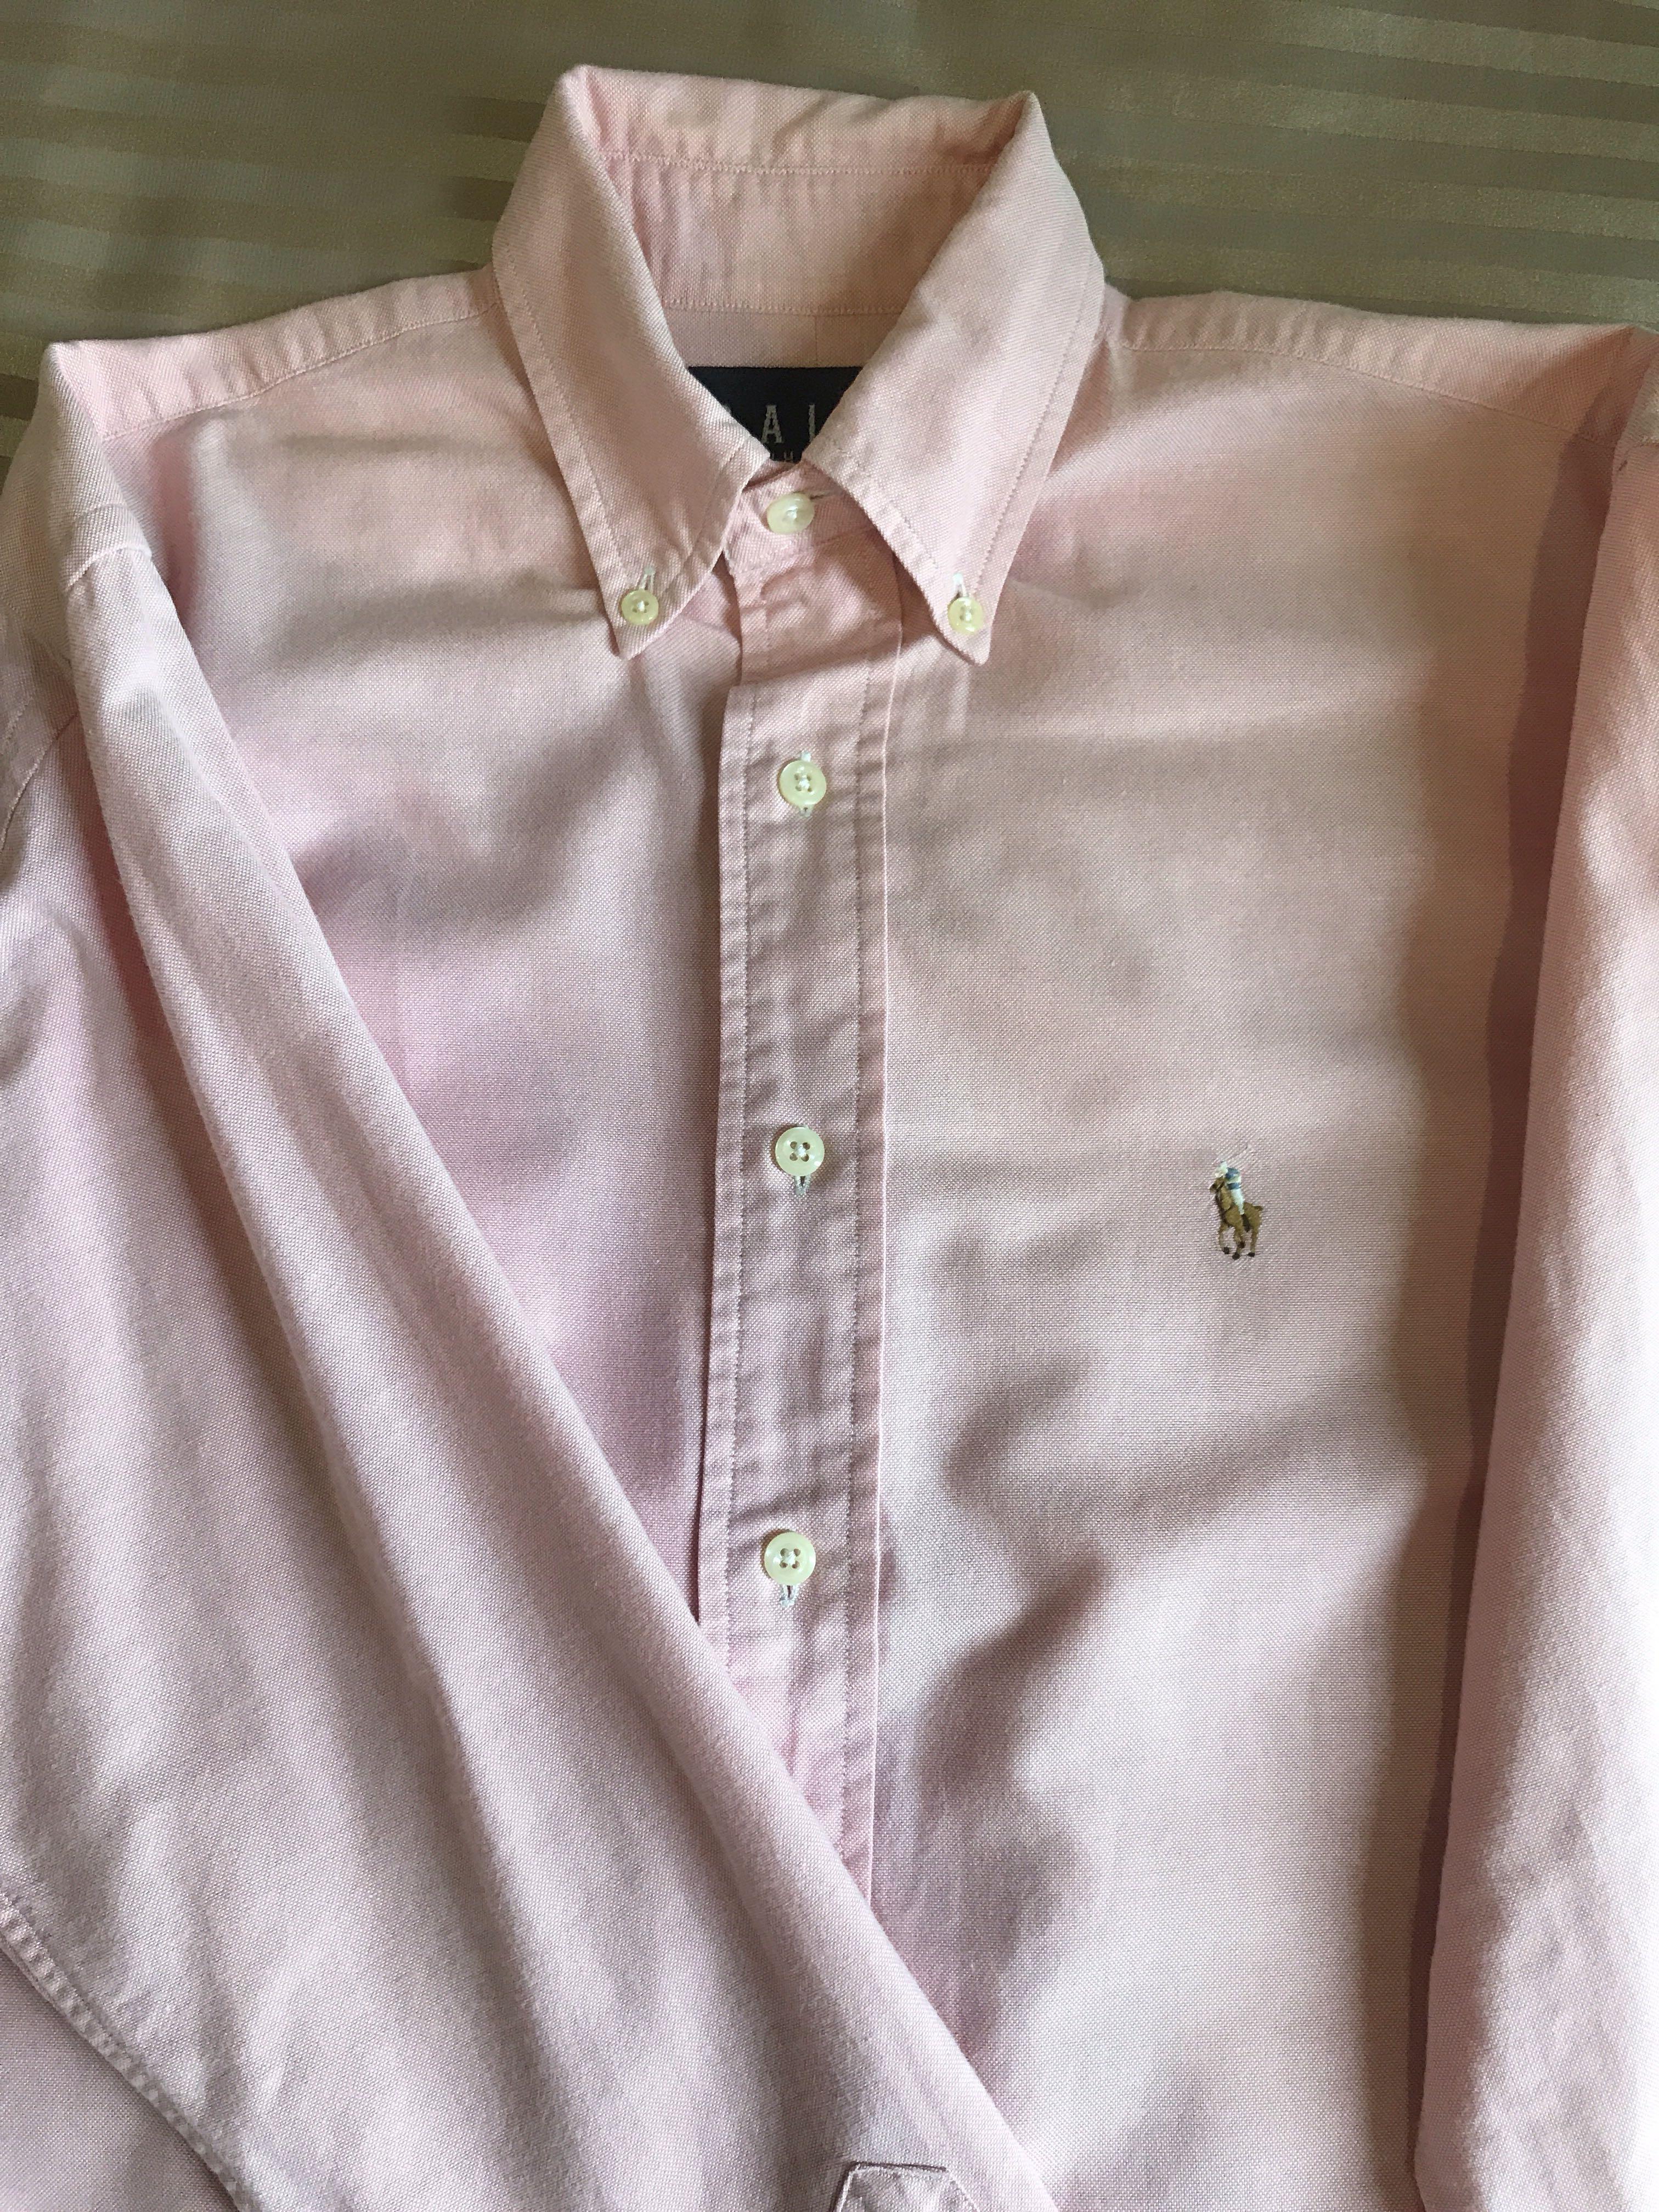 Polo Ralph Lauren shirt c416d6b7f2be5